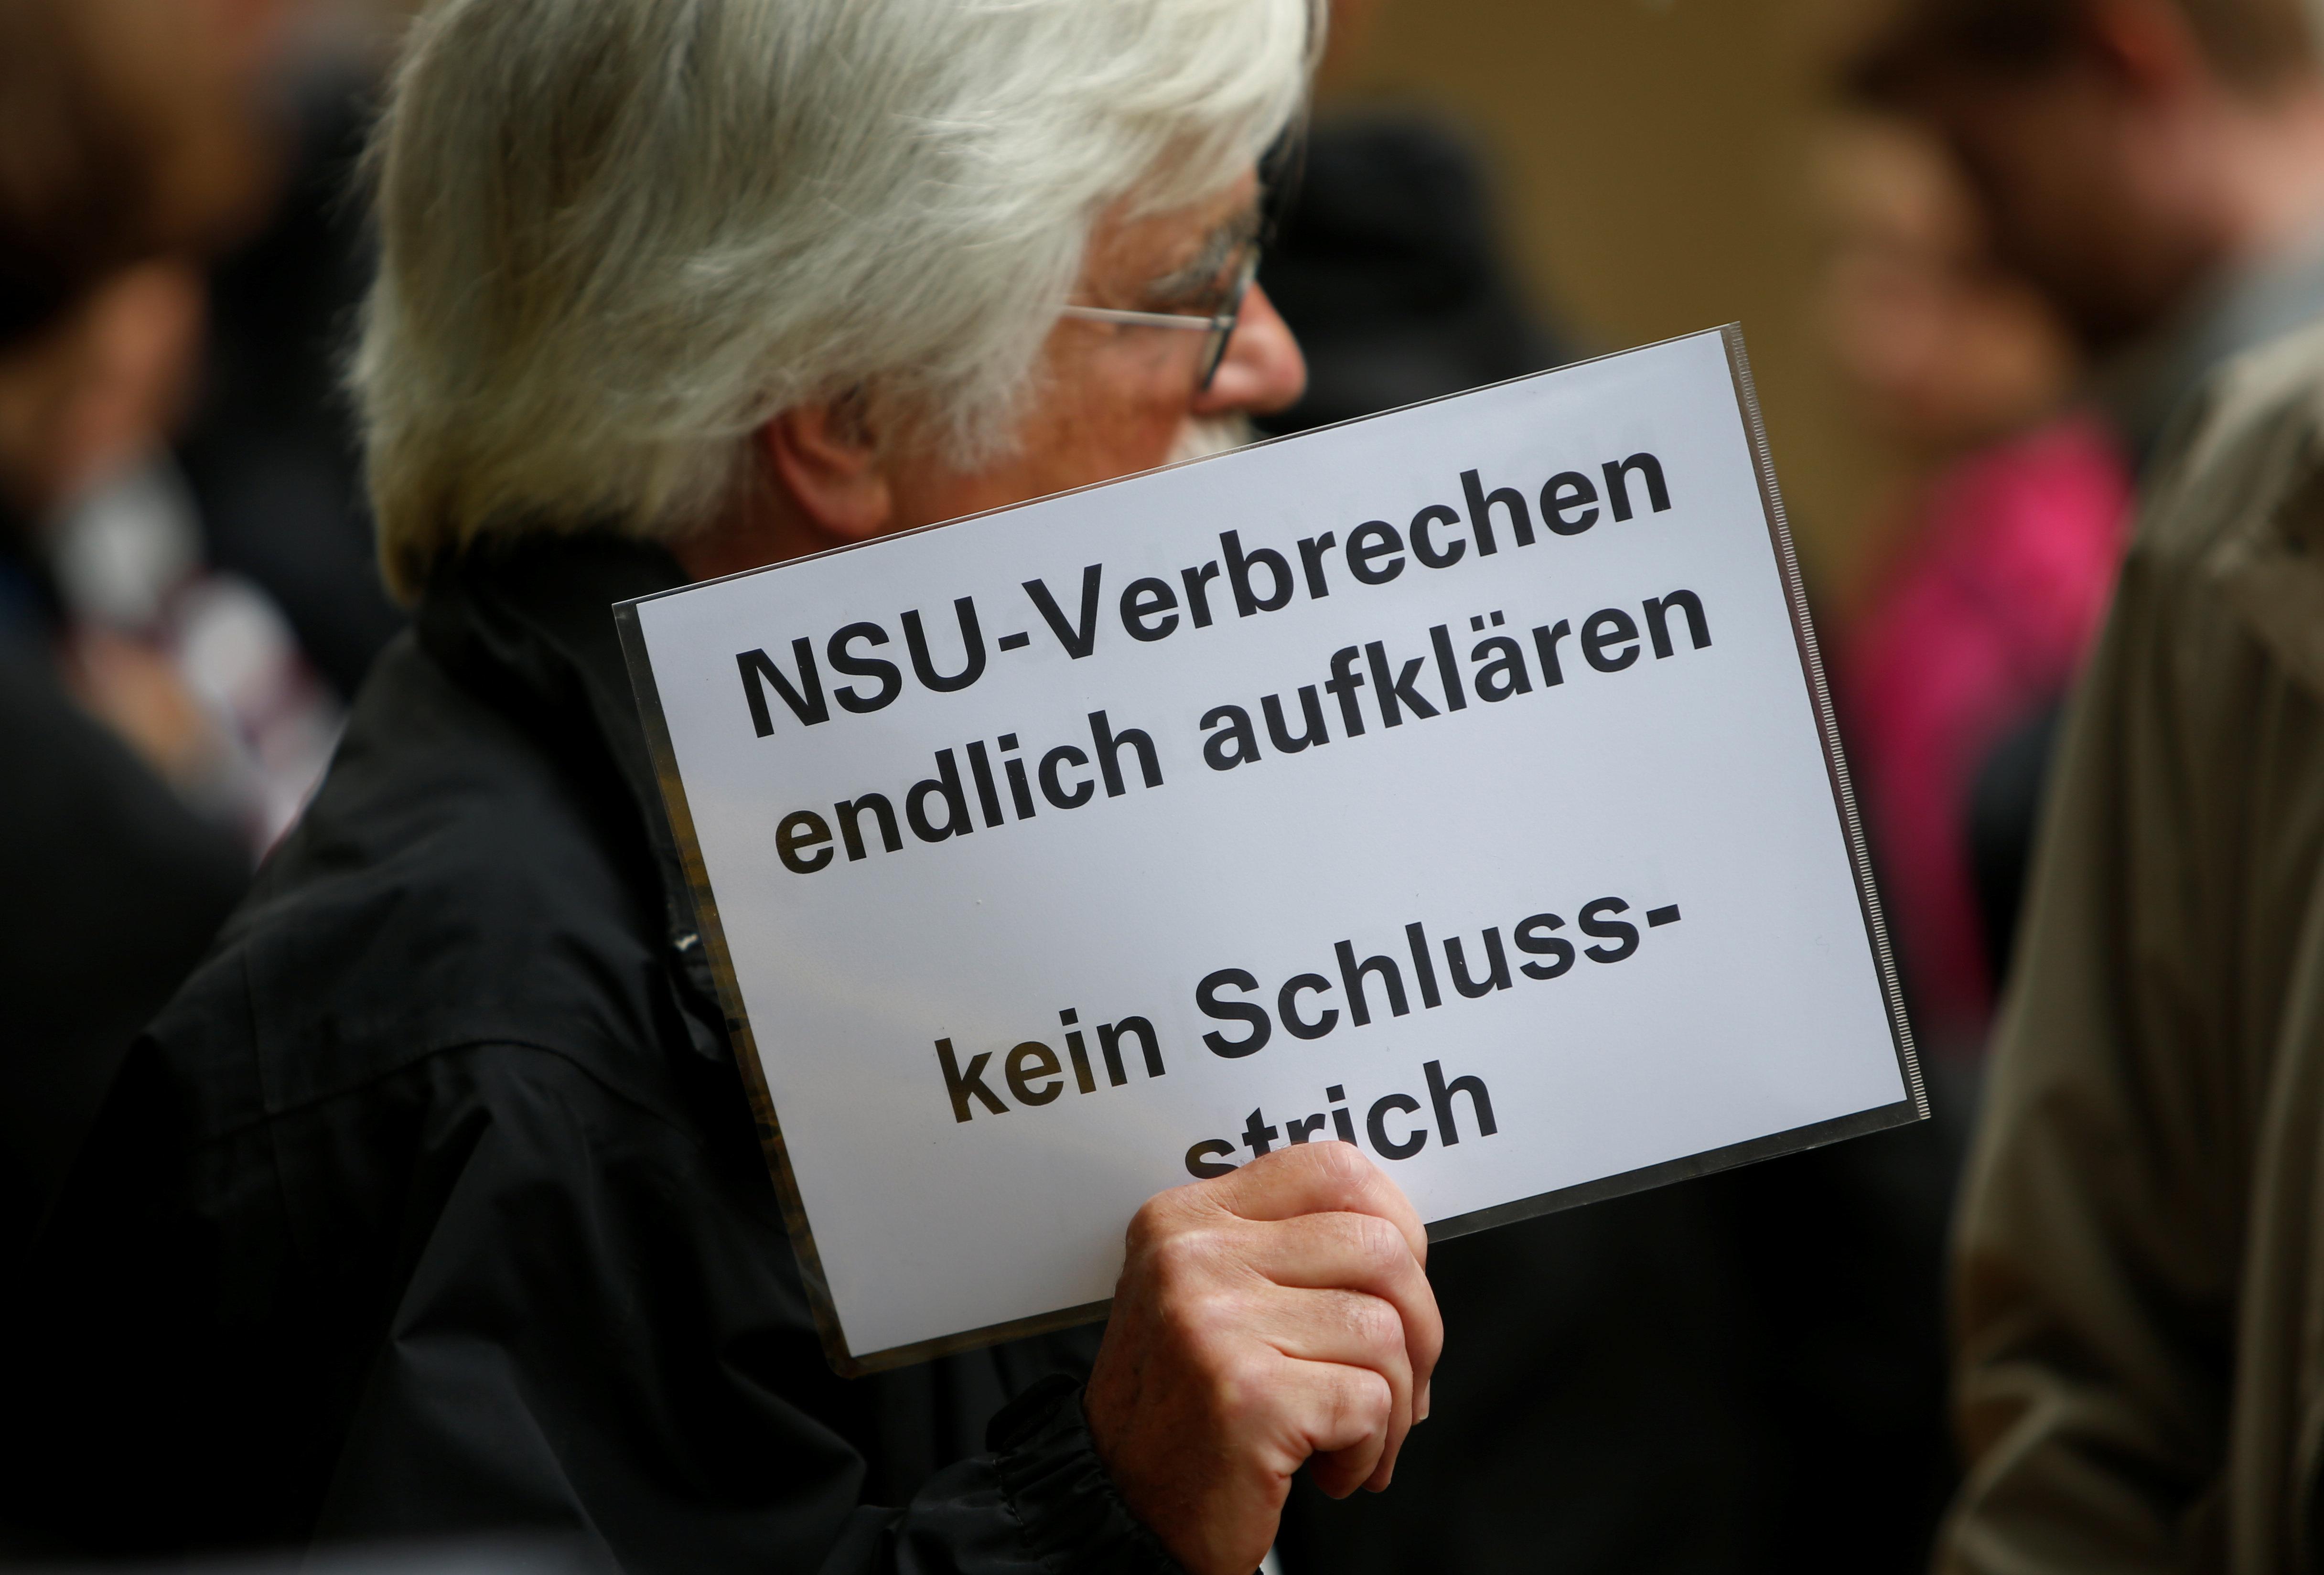 Διαδηλώσεις στην Γερμανία με αίτημα να συνεχιστούν οι έρευνες για τη δράση της νεοναζιστικής